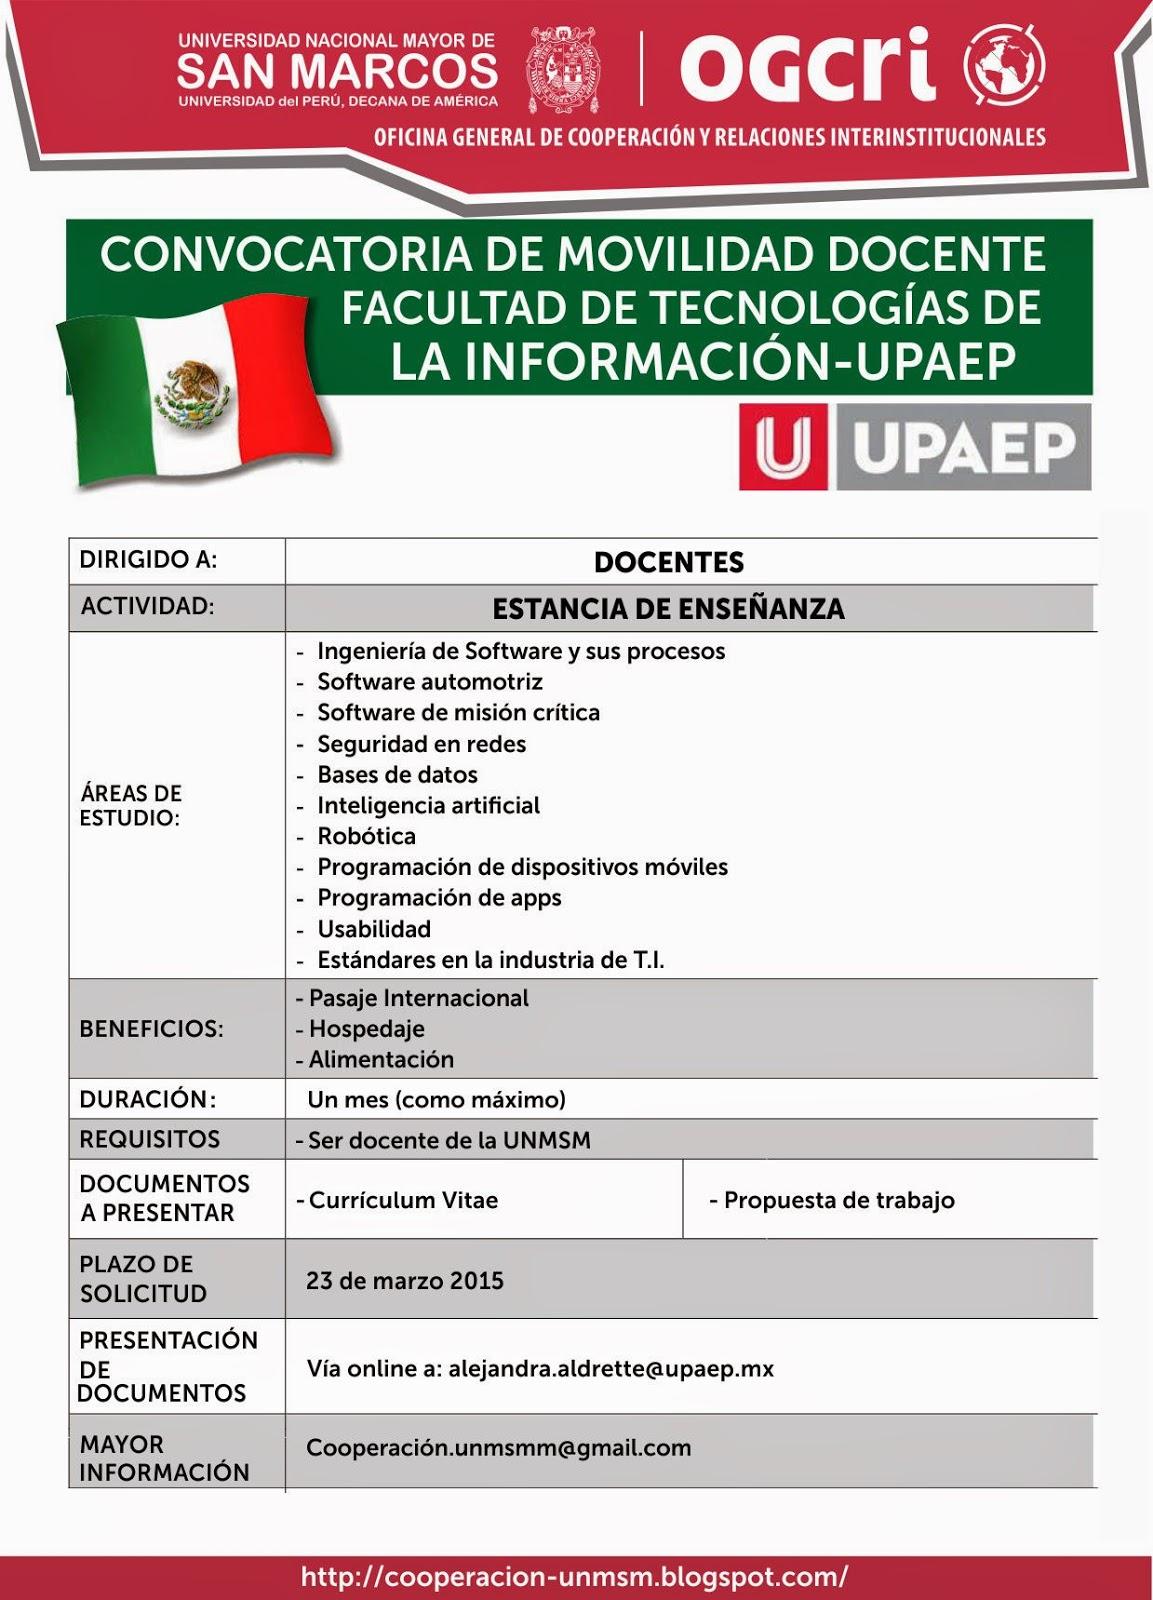 Ogcri unmsm m xico convocatoria de movilidad docente for Convocatoria docente